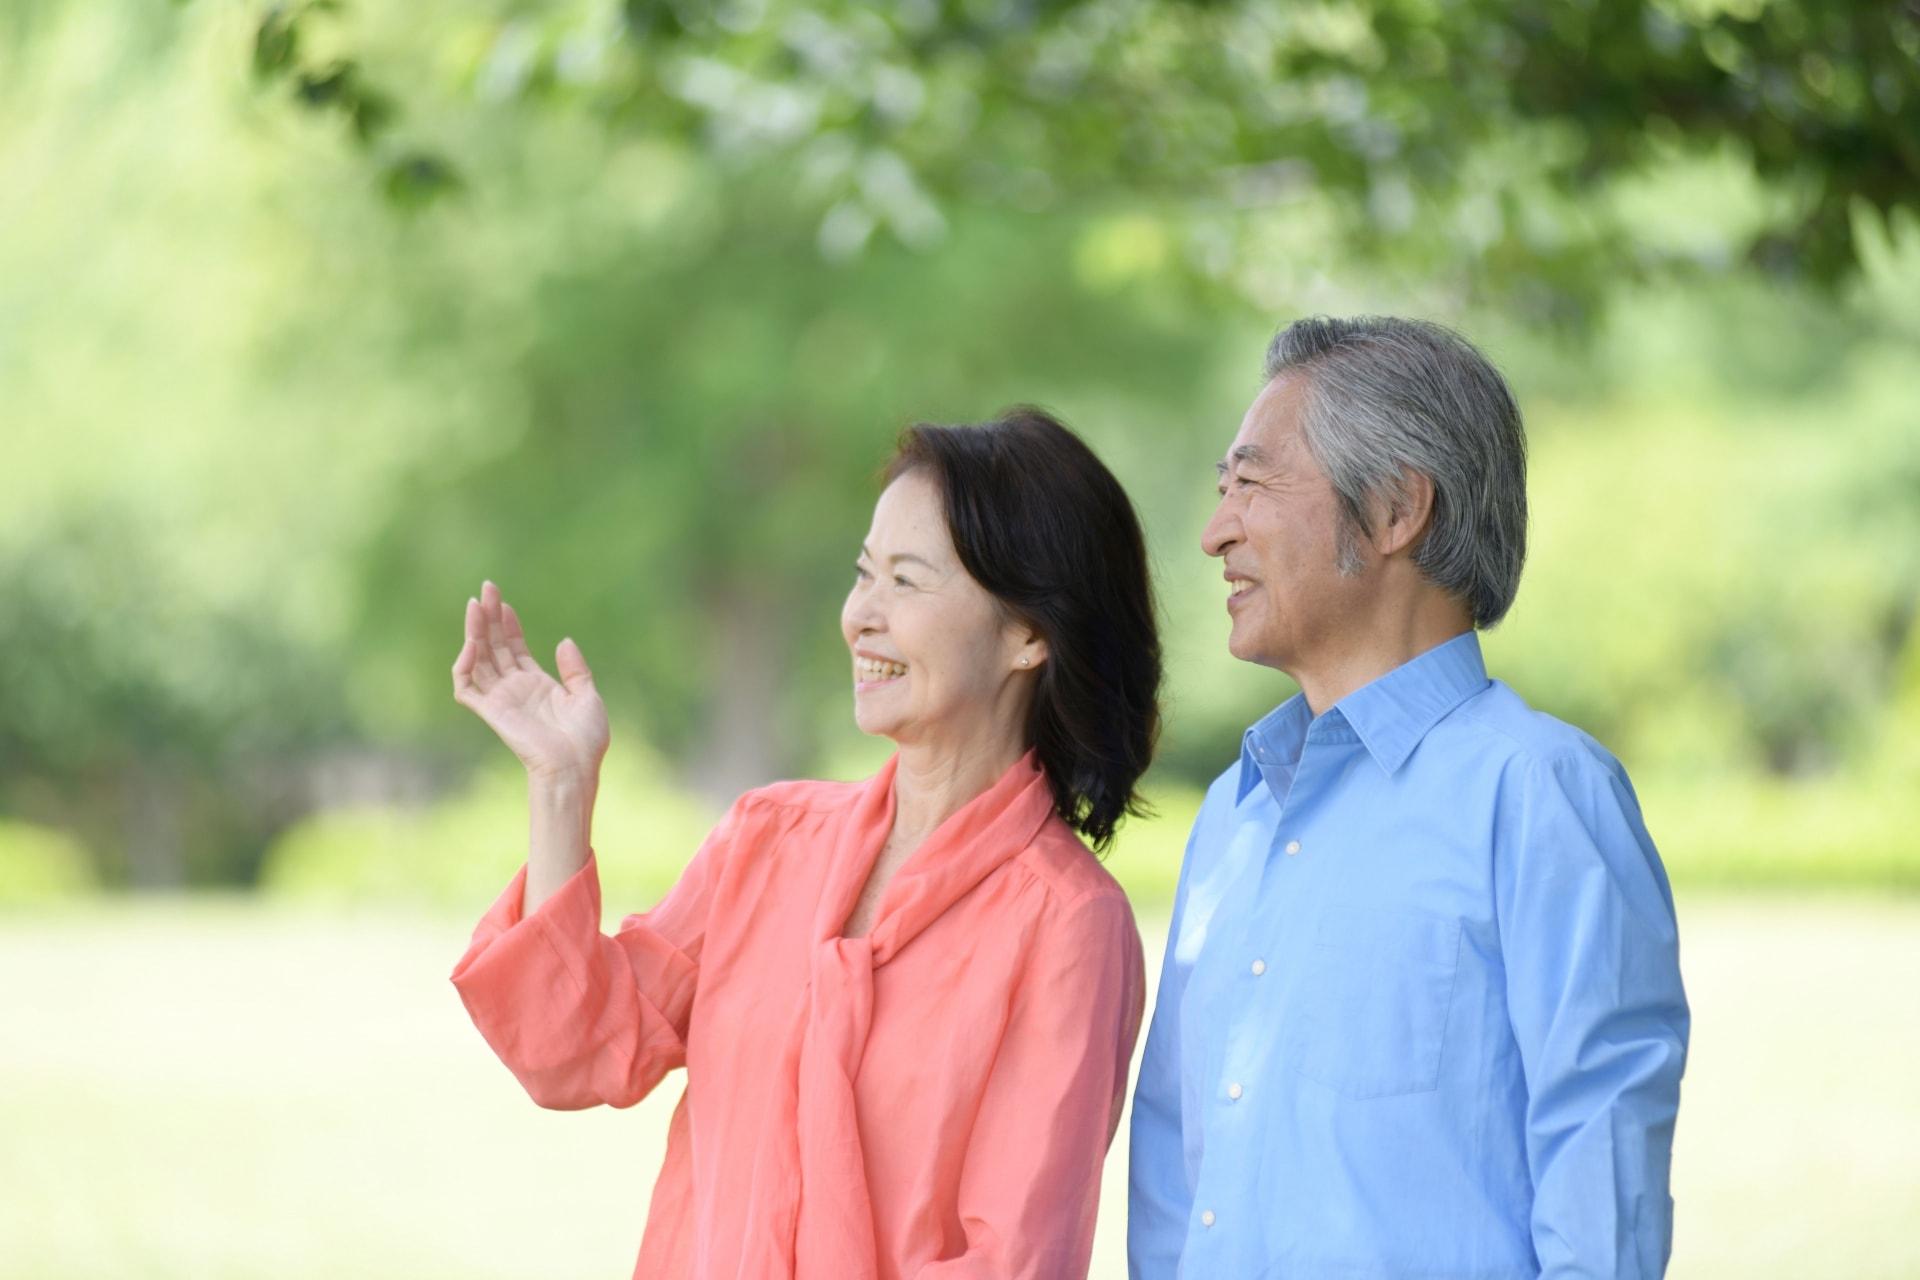 【シニアの婚活】シニアの結婚相談所を選ぶ際の「5つのポイント」